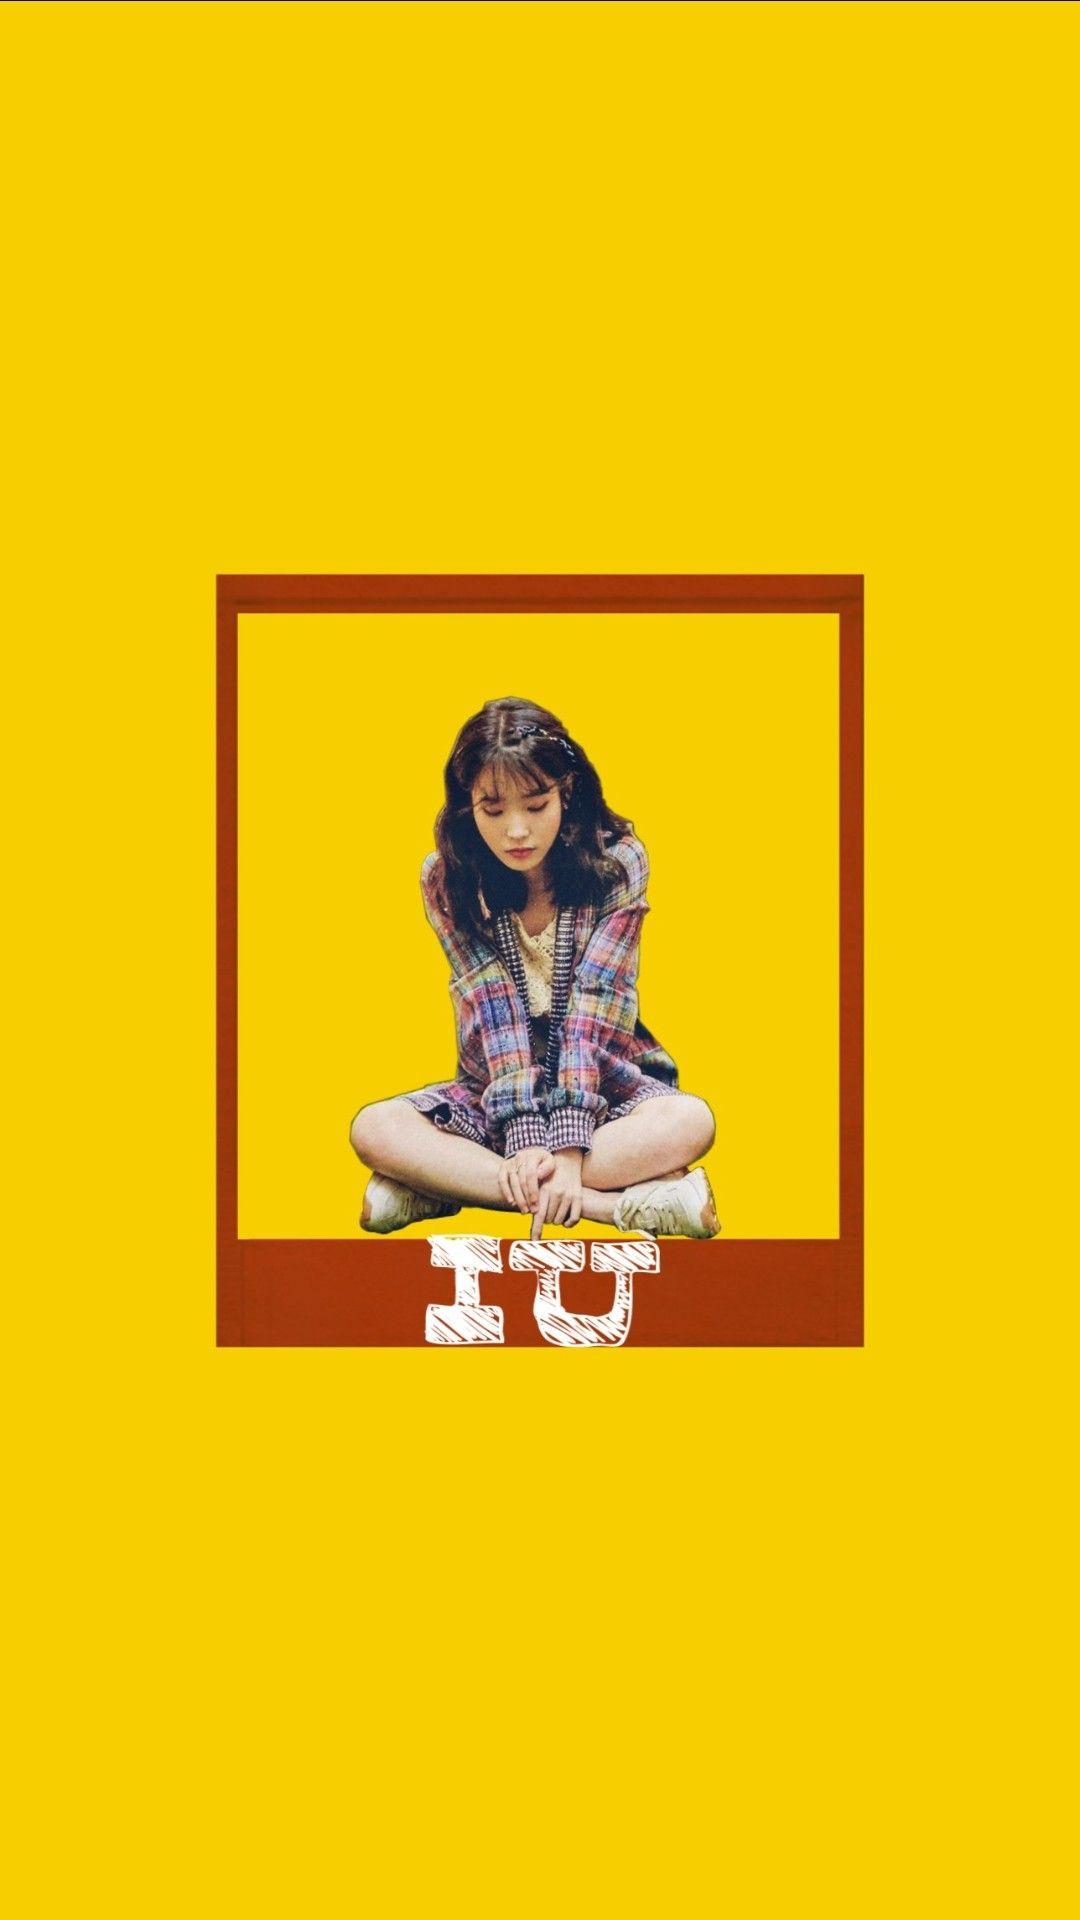 Lee Ji Eun Iu In Yellow Yellow Aesthetic Orange Aesthetic Aesthetic Wallpapers